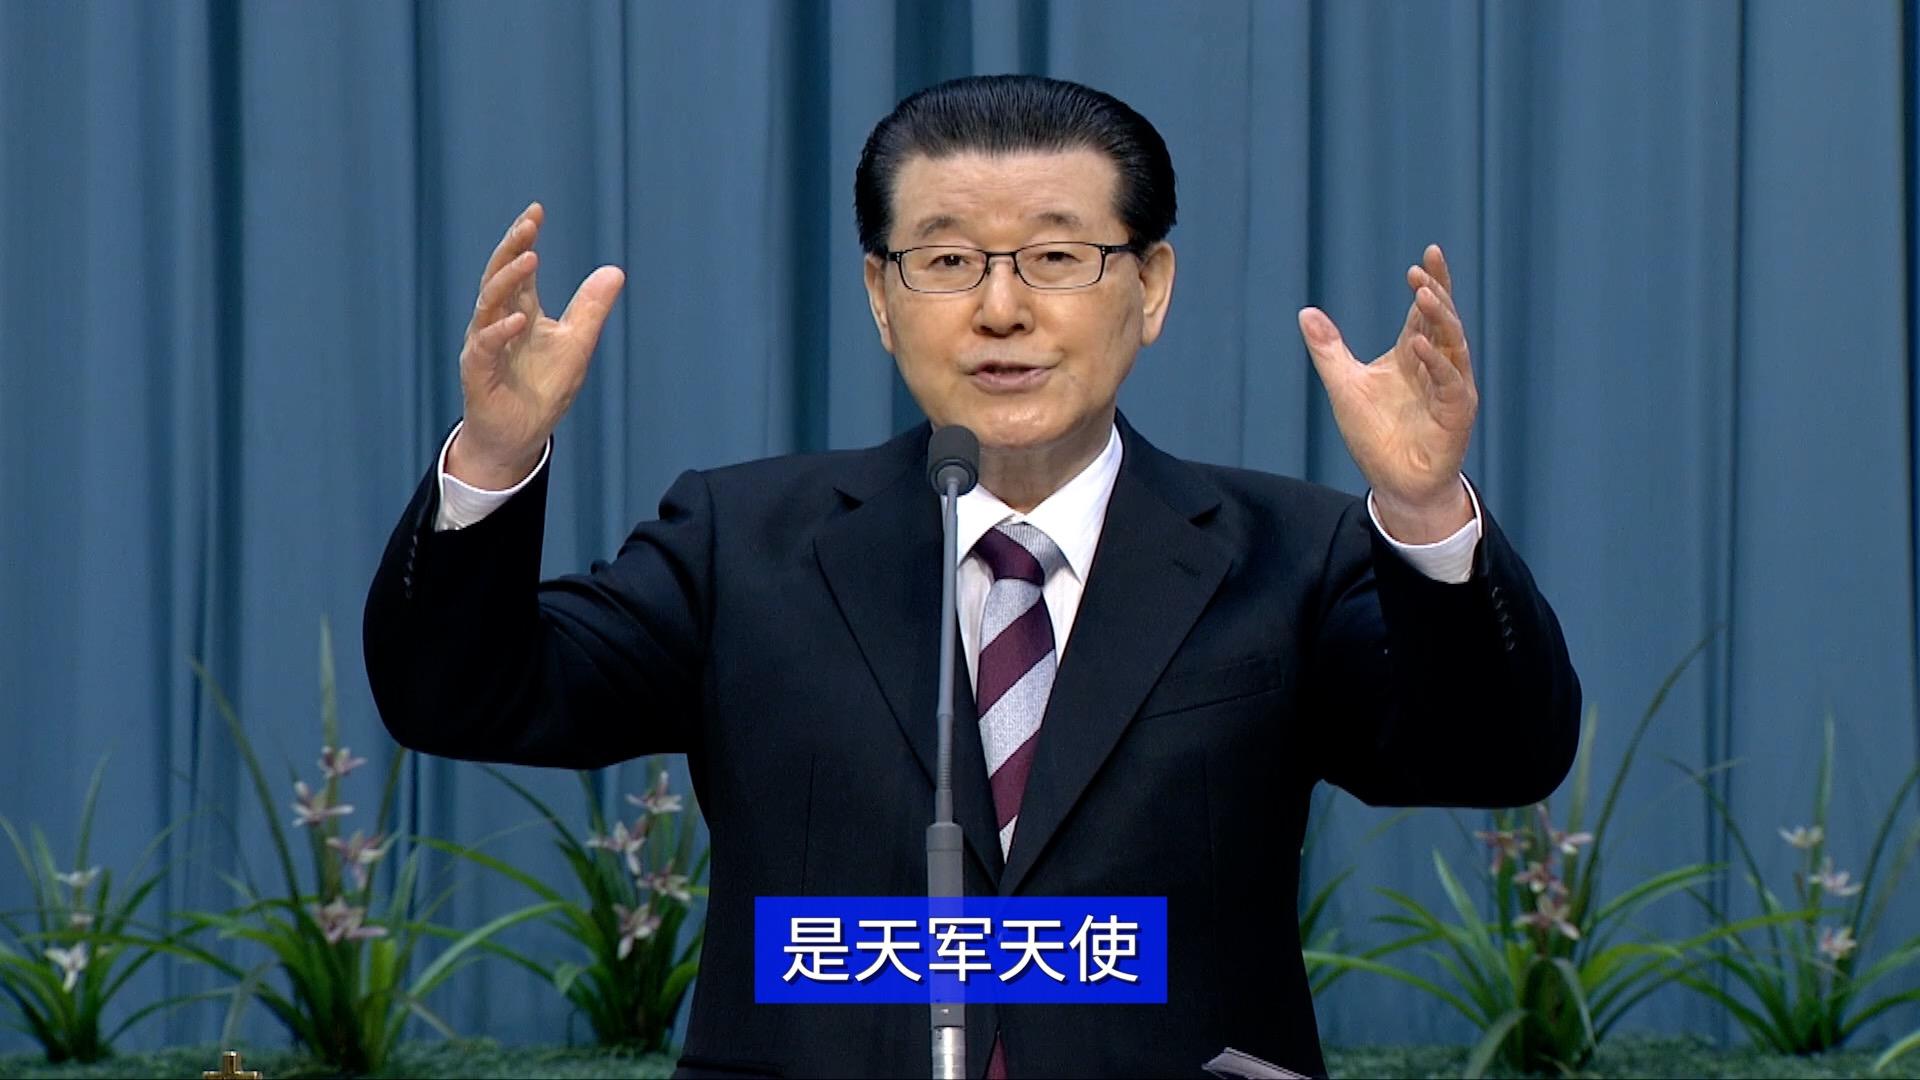 2020년01월26일-중국어자막 <令主耶稣动心的百夫长>